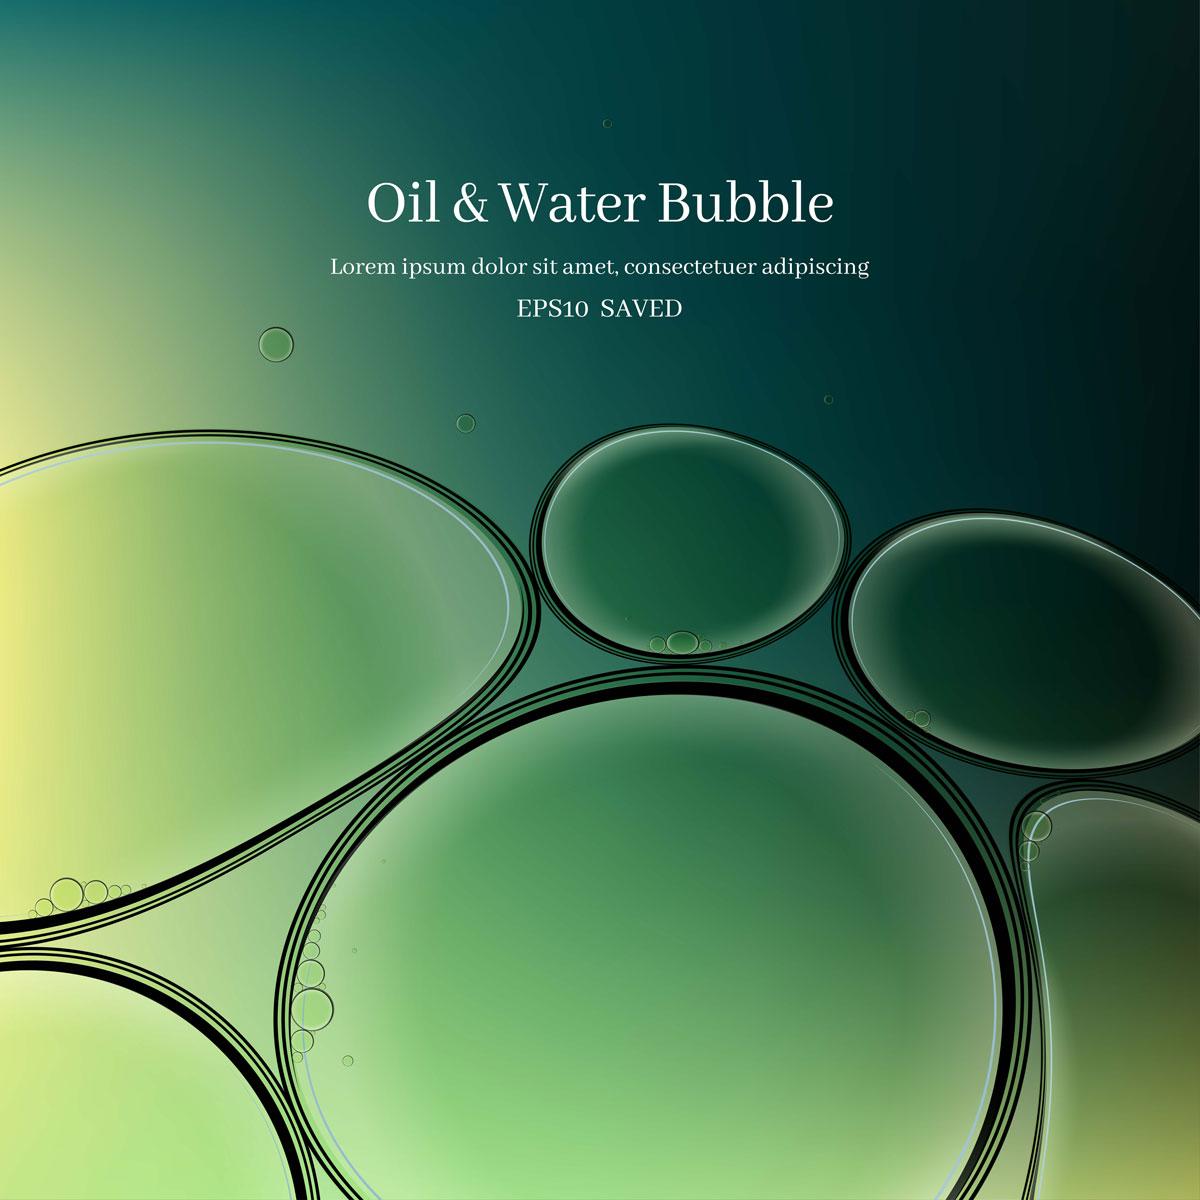 14款油脂液体水滴气泡海报设计AI矢量素材 Water Drop Bubble Vector Material插图2